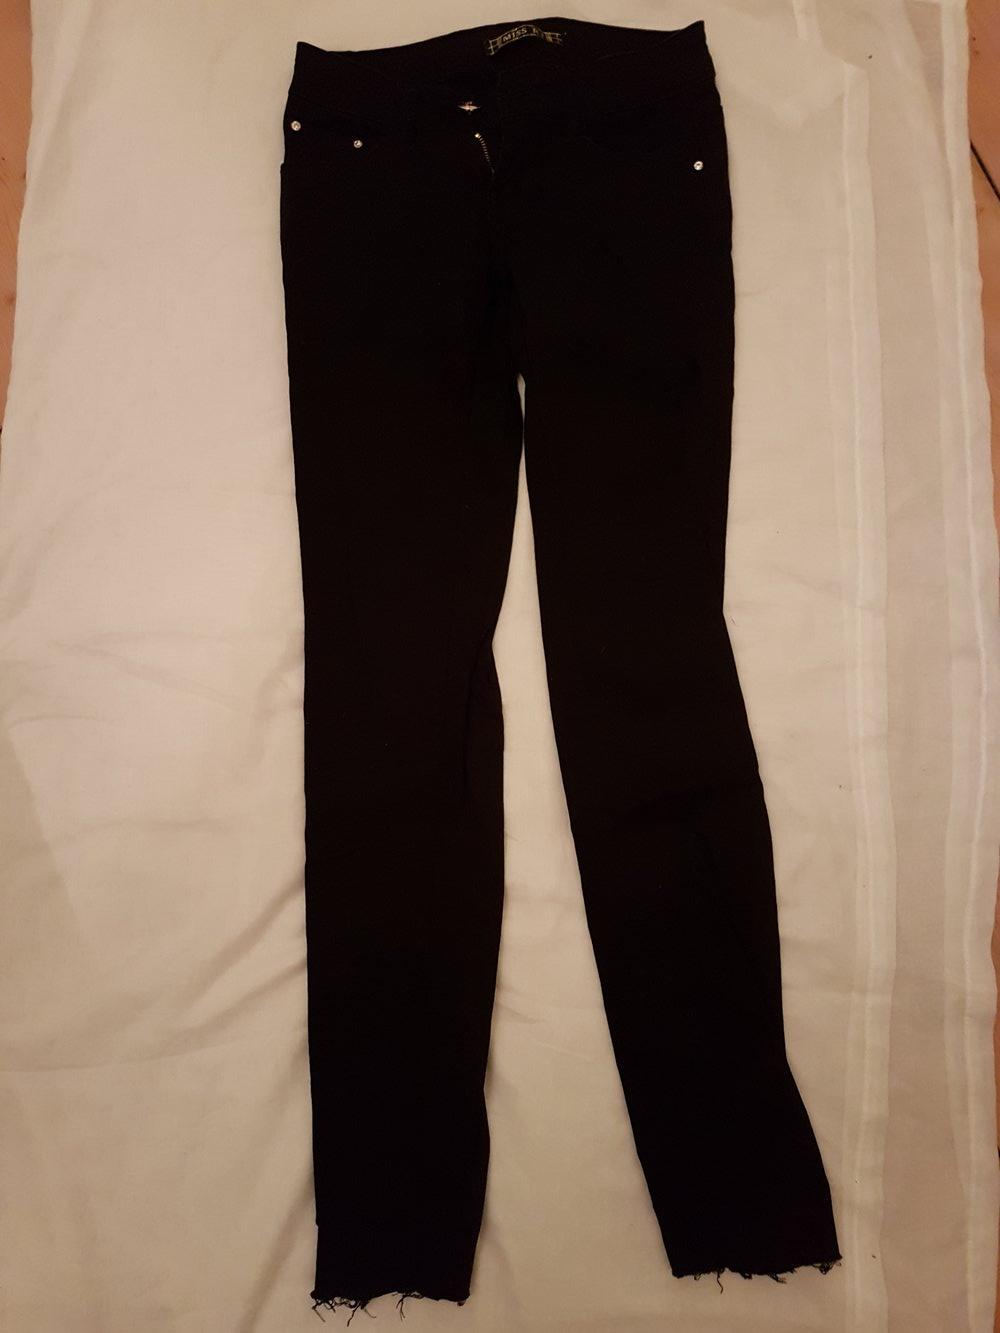 mäßiger Preis konkurrenzfähiger Preis schön billig Schwarze Jeans Hose mit Glitzersteinen